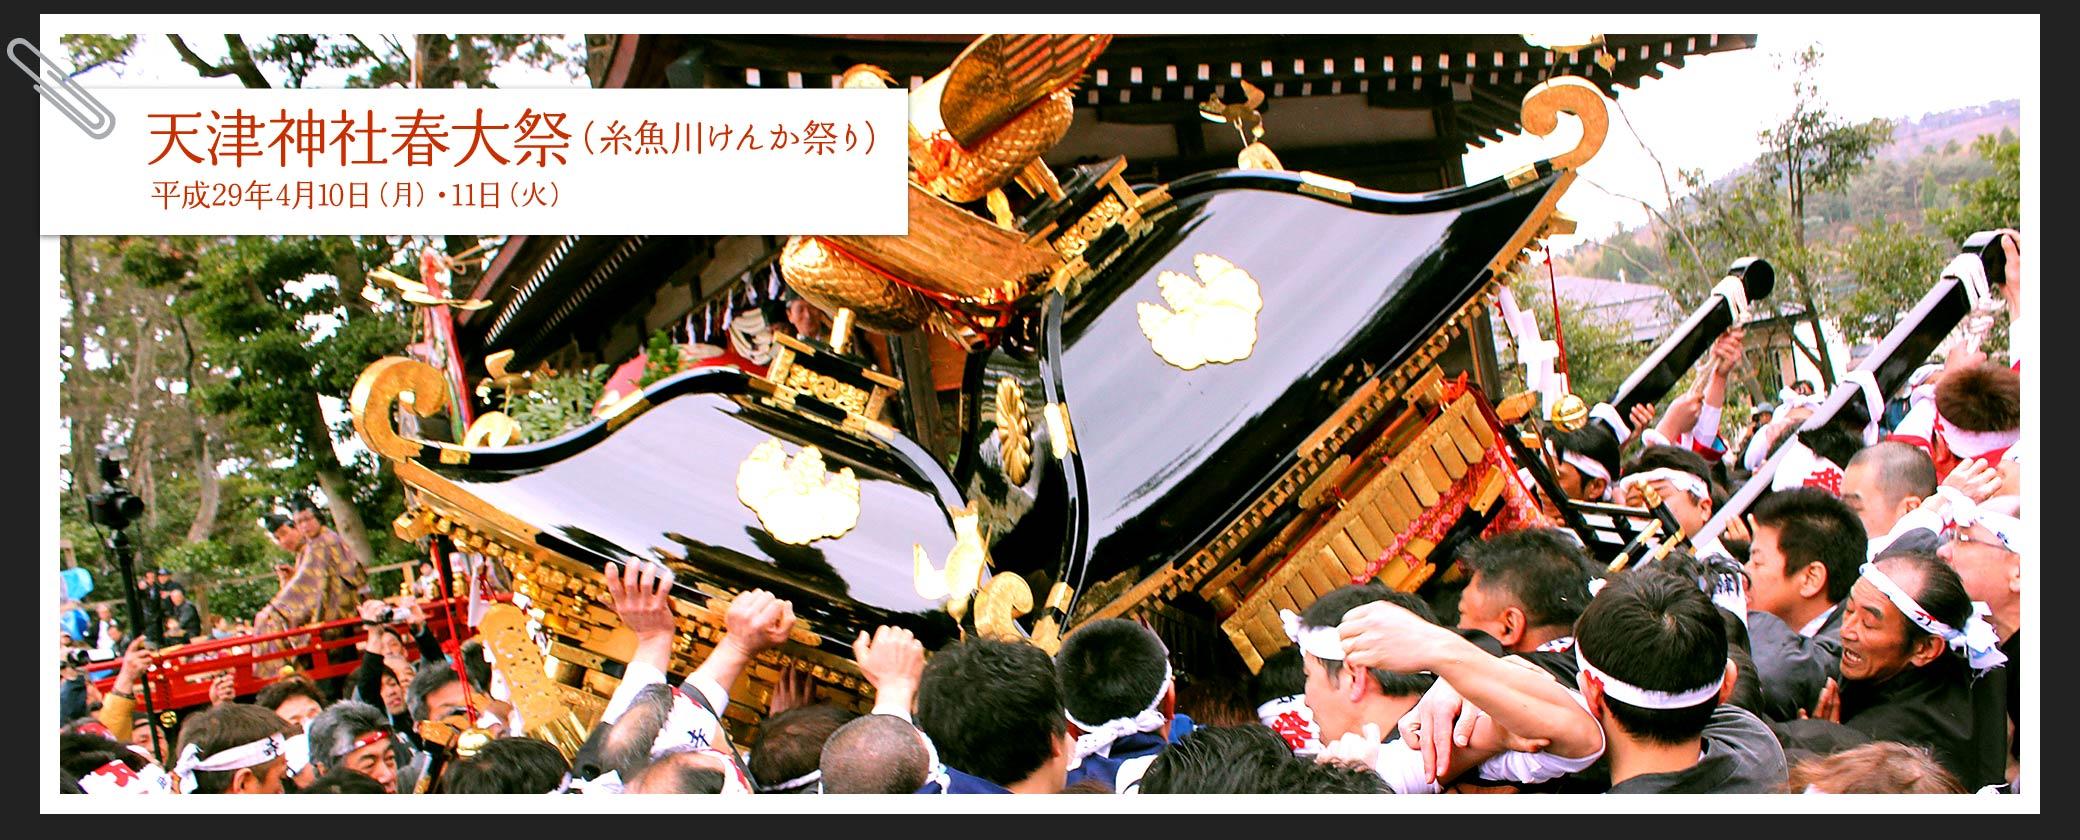 天津神社春大祭(糸魚川けんか祭り)